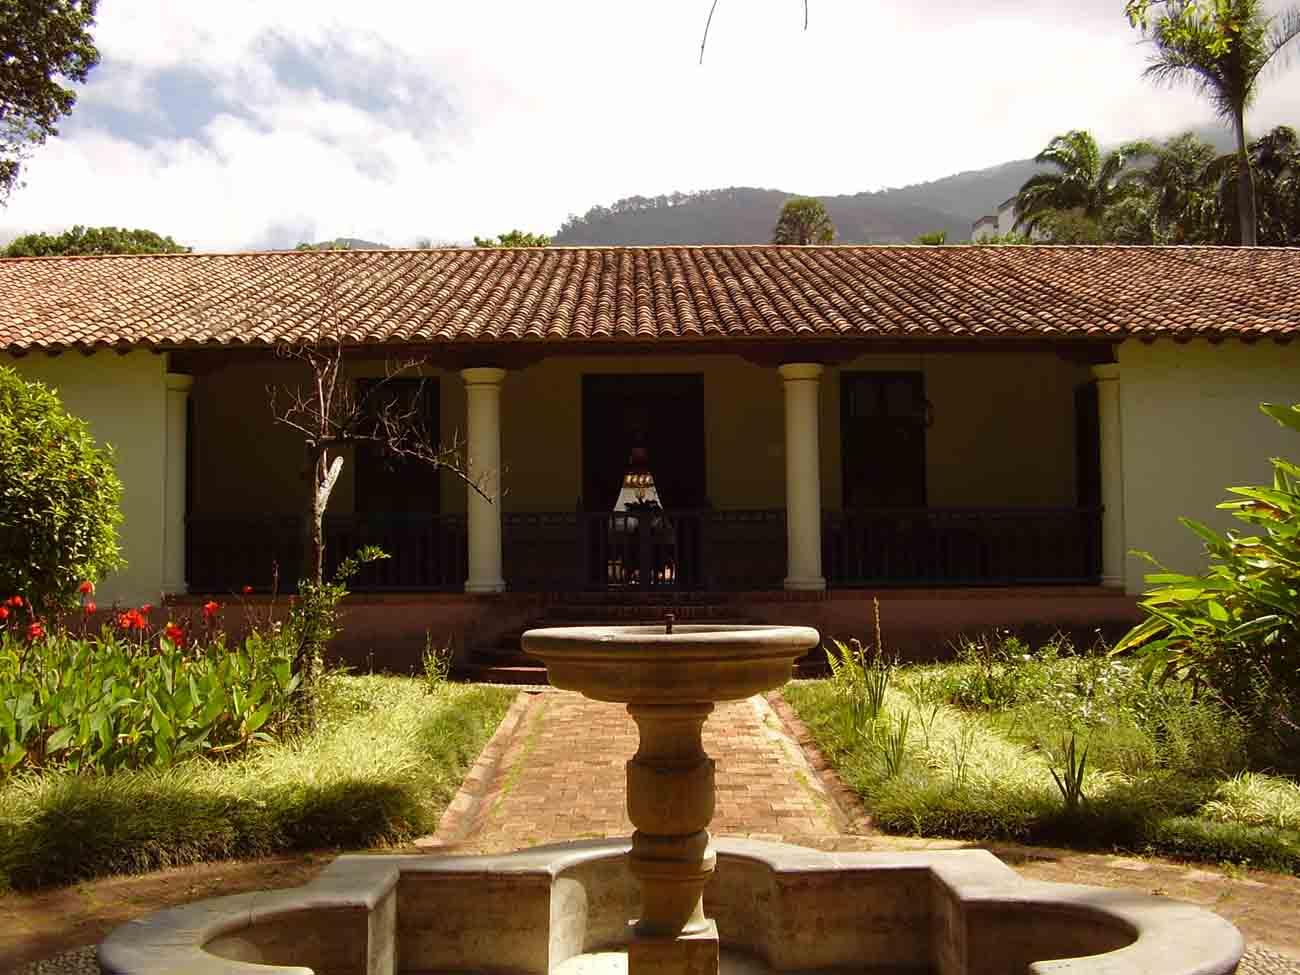 arquitectura colonial en caracas quinta anauco arquitectura